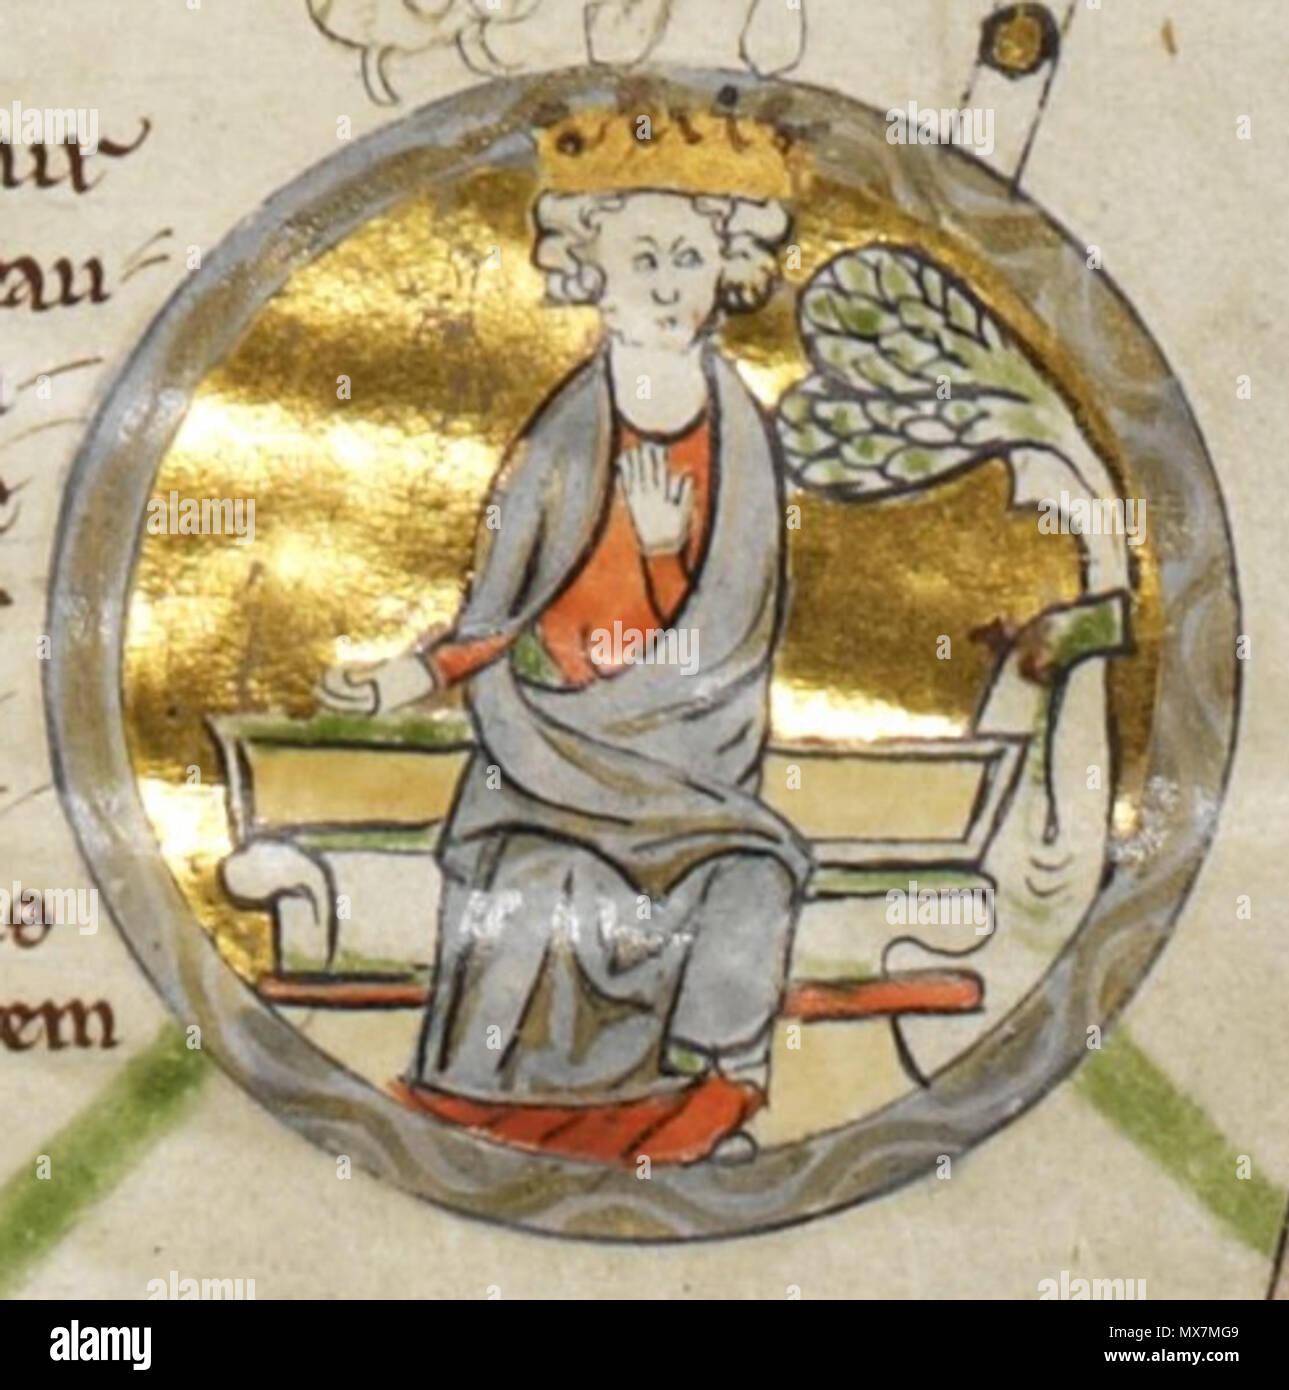 . Français: Miniature d'Edmond Ier d'Angleterre dans une généalogie royale du XIIIe siècle. 2 September 2013, 19:09:03. Unknown 178 Edmund I - MS Royal 14 B V - Stock Image